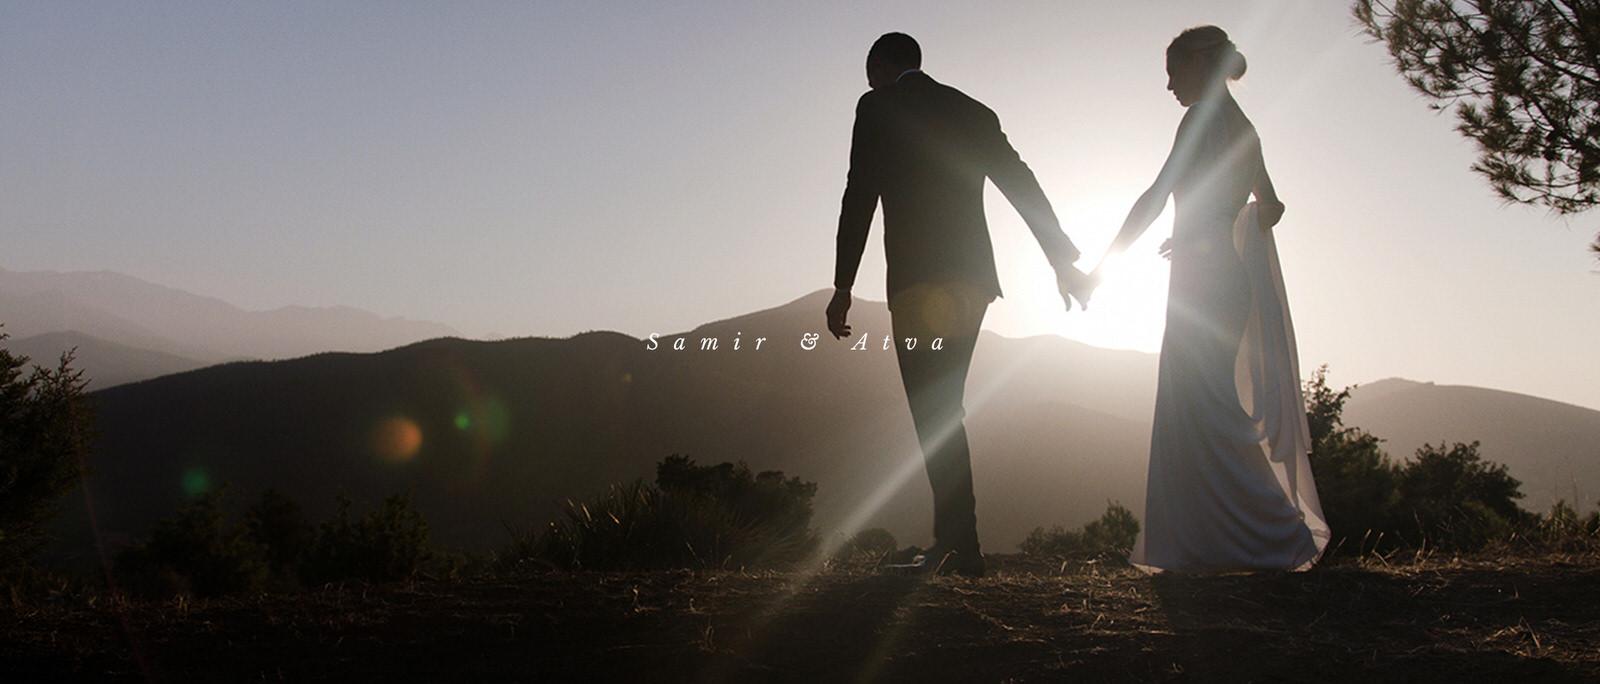 Samir + Atva | Ourika, Morocco | Kasbah Bab Ourika